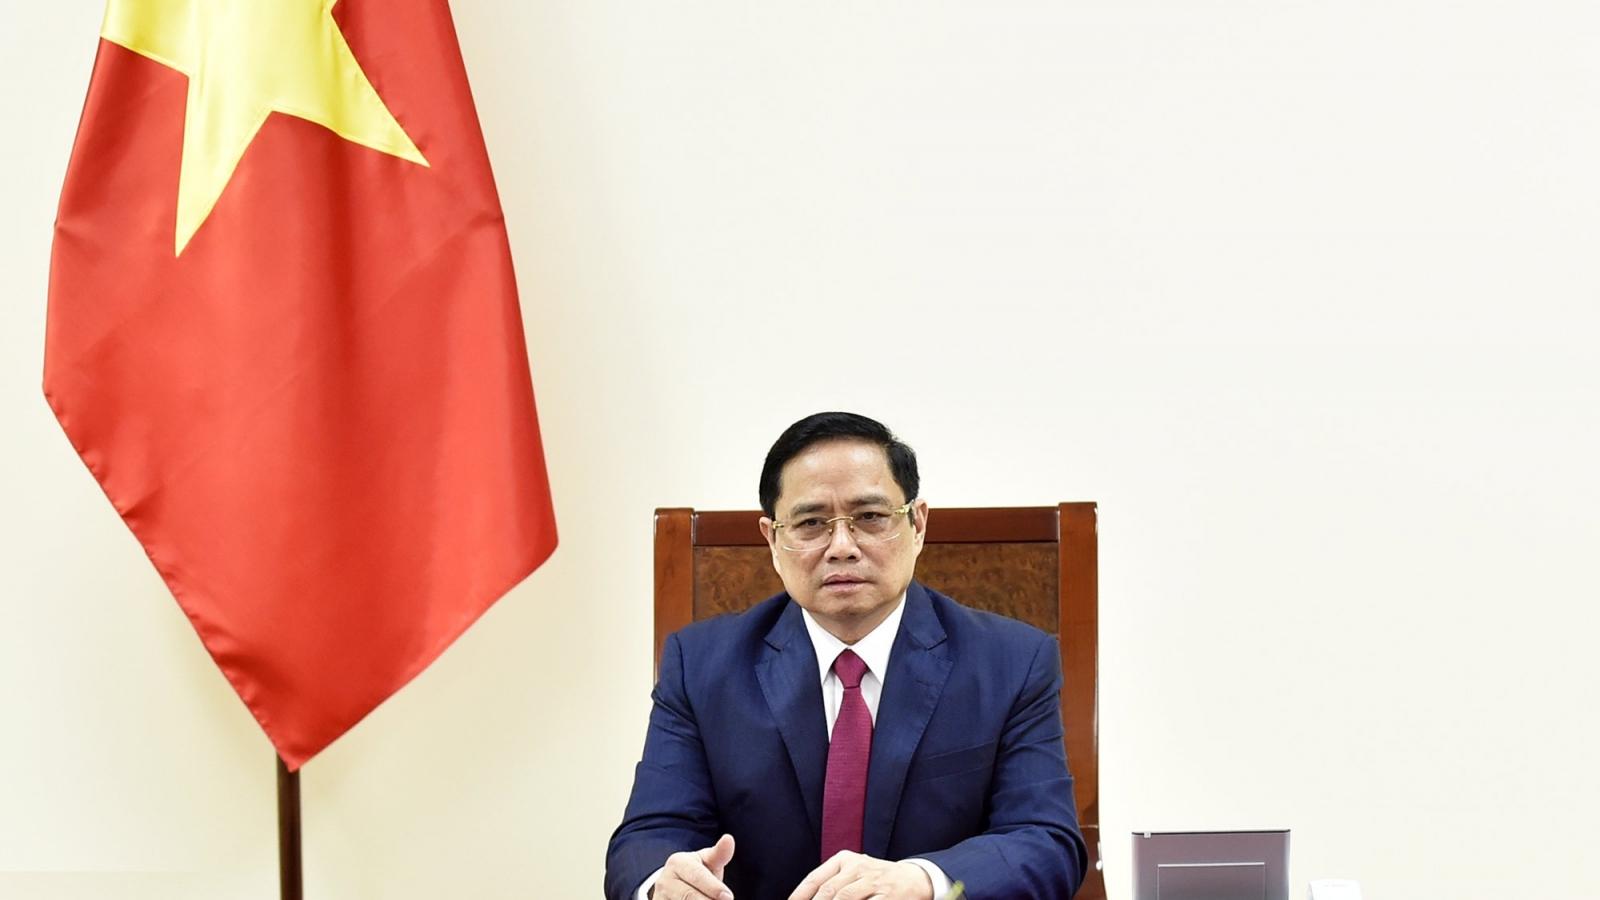 Thủ tướng Chính phủ điện đàm với Thủ tướng Quốc vụ viện nước CHND Trung Hoa